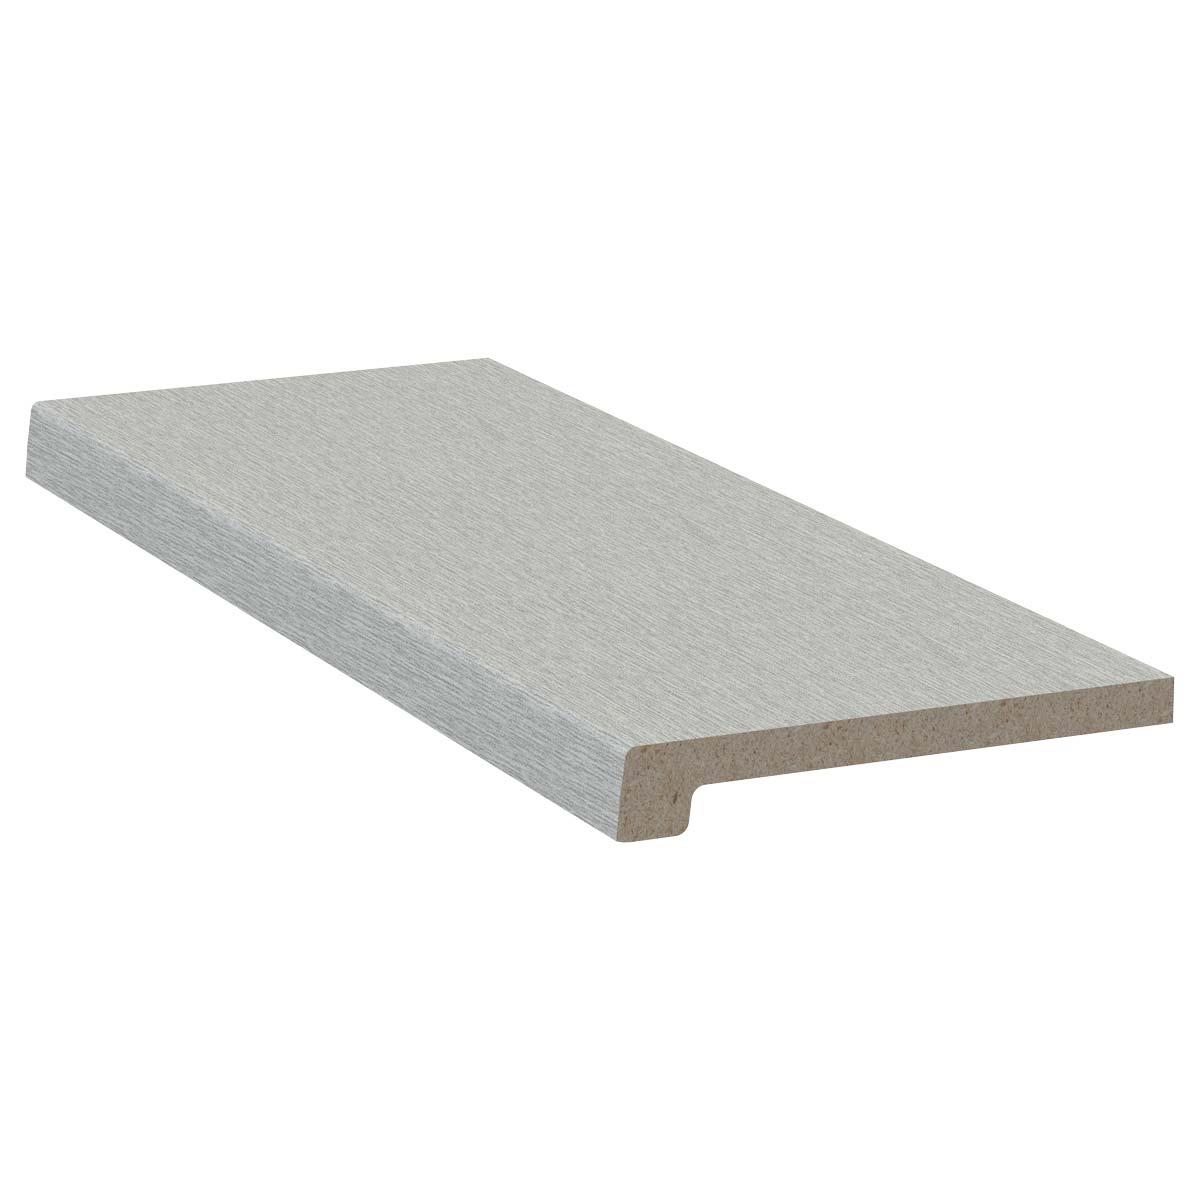 exclusiv 021 - https://www.werzalit.com/fr/produit/exclusiv-appui-de-fenetre-interieur-longueur-6-000-mm-largeur-500-mm-decor-021-metallic/